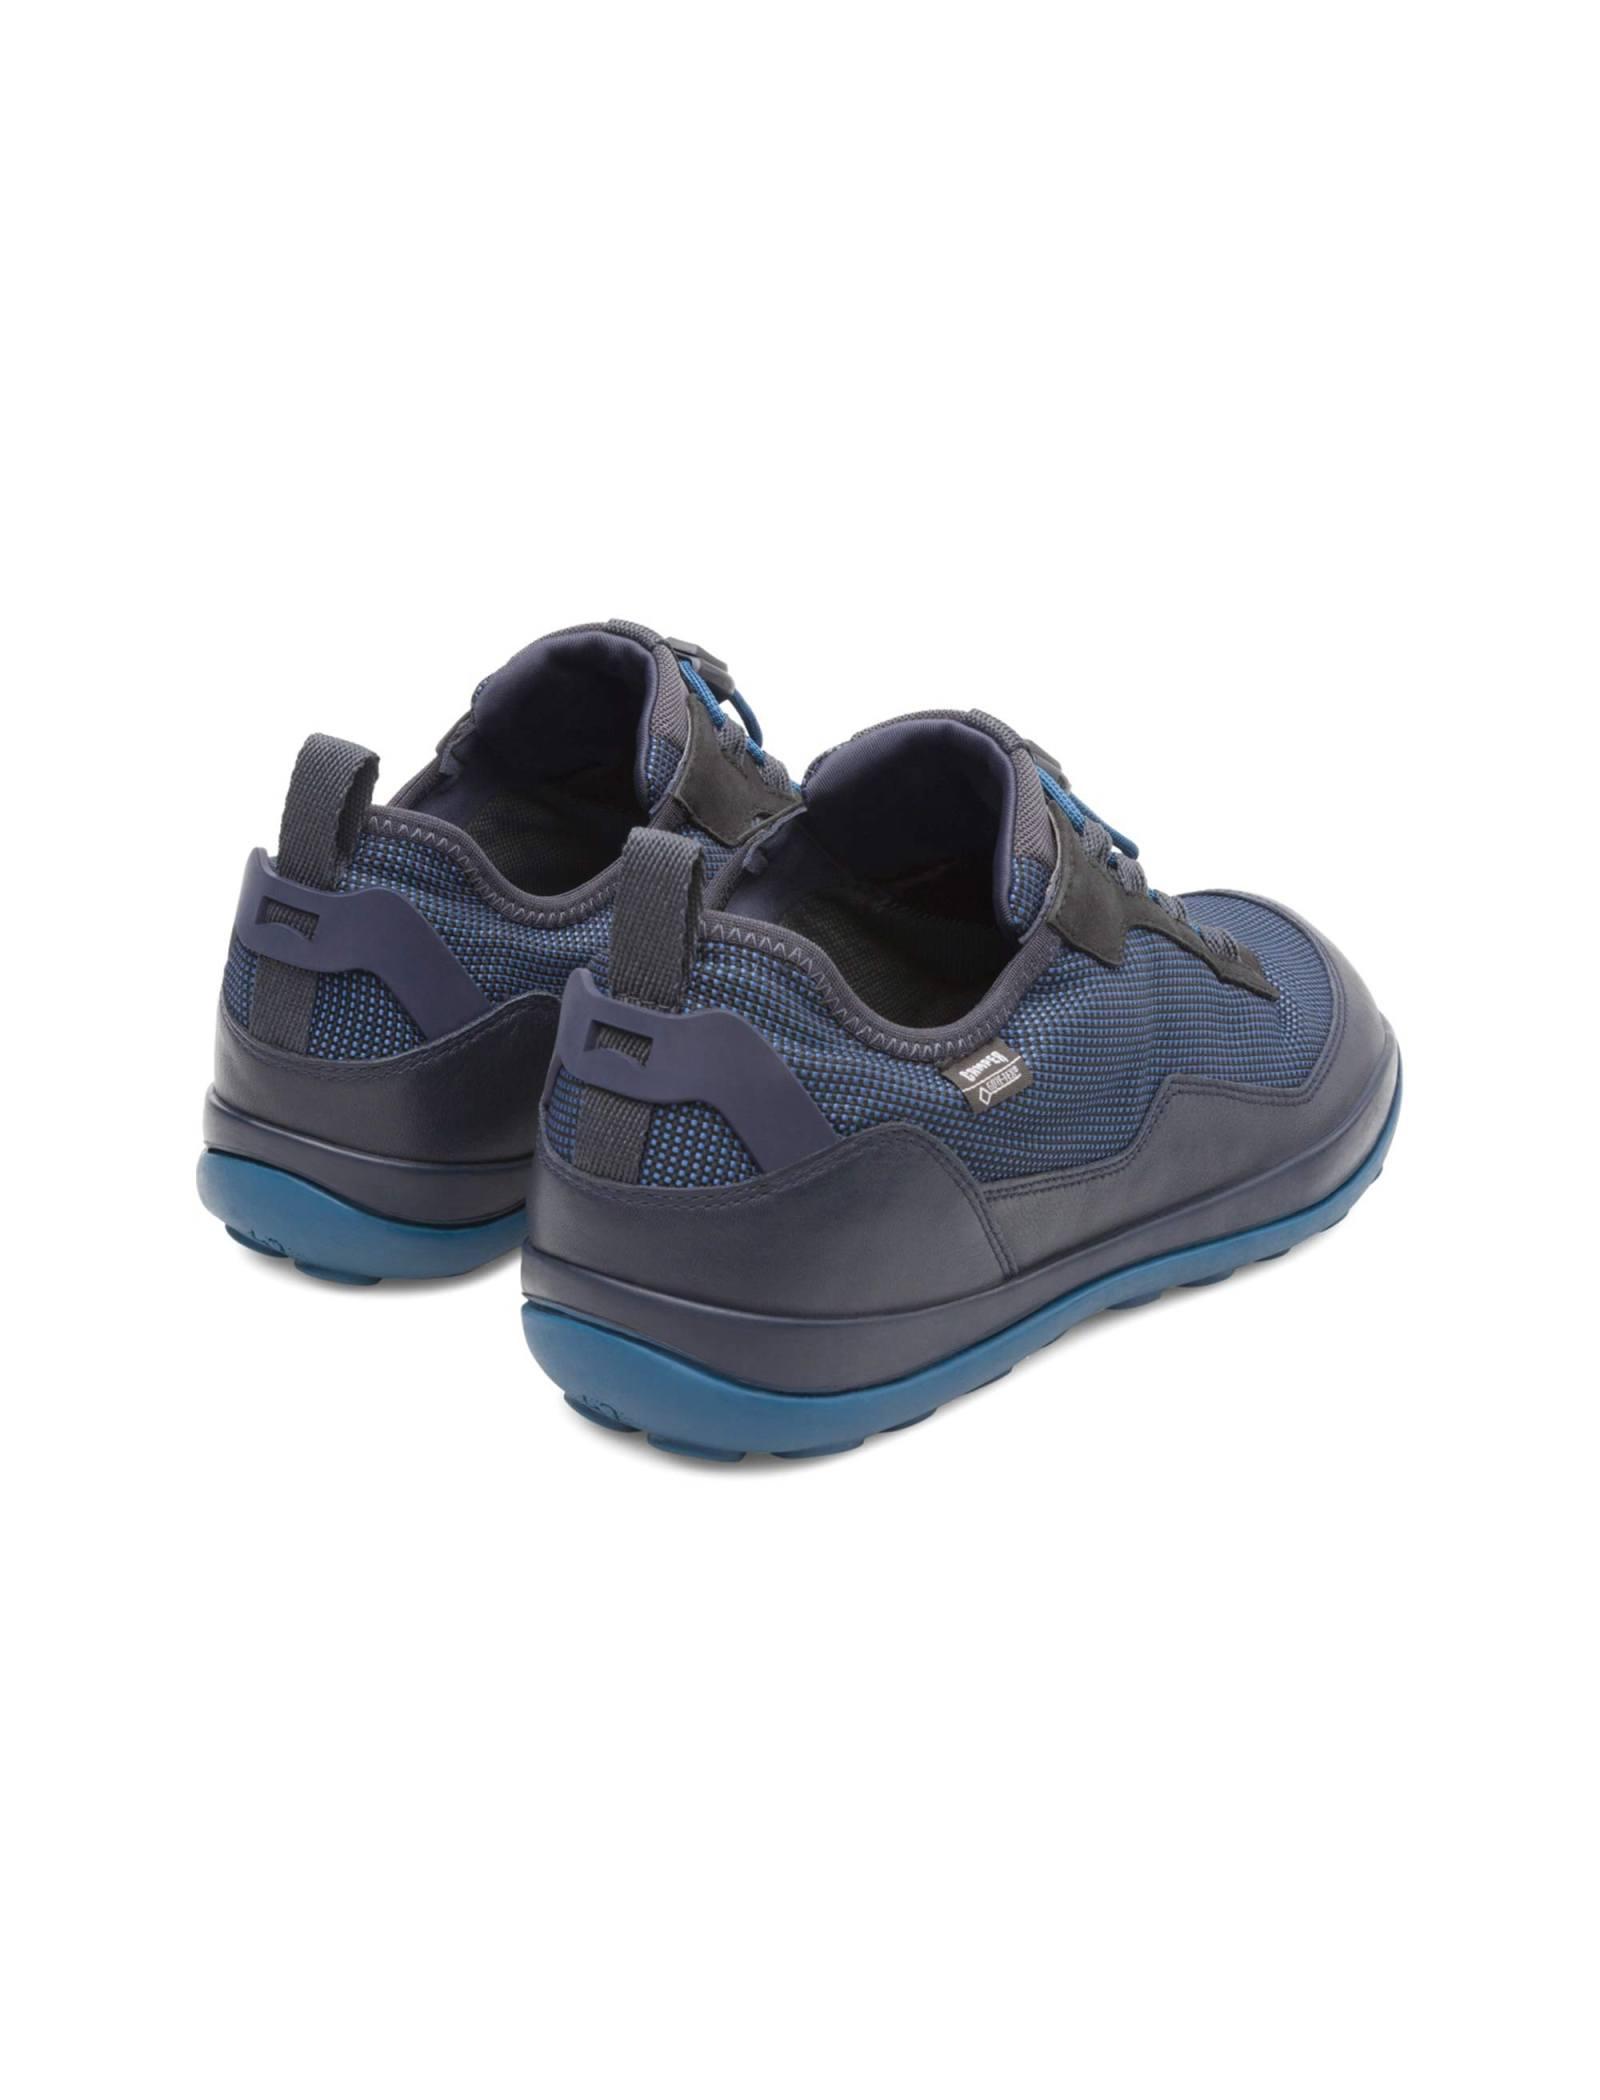 کفش طبیعت گردی بندی مردانه - کمپر - مشکي و سرمه اي - 5